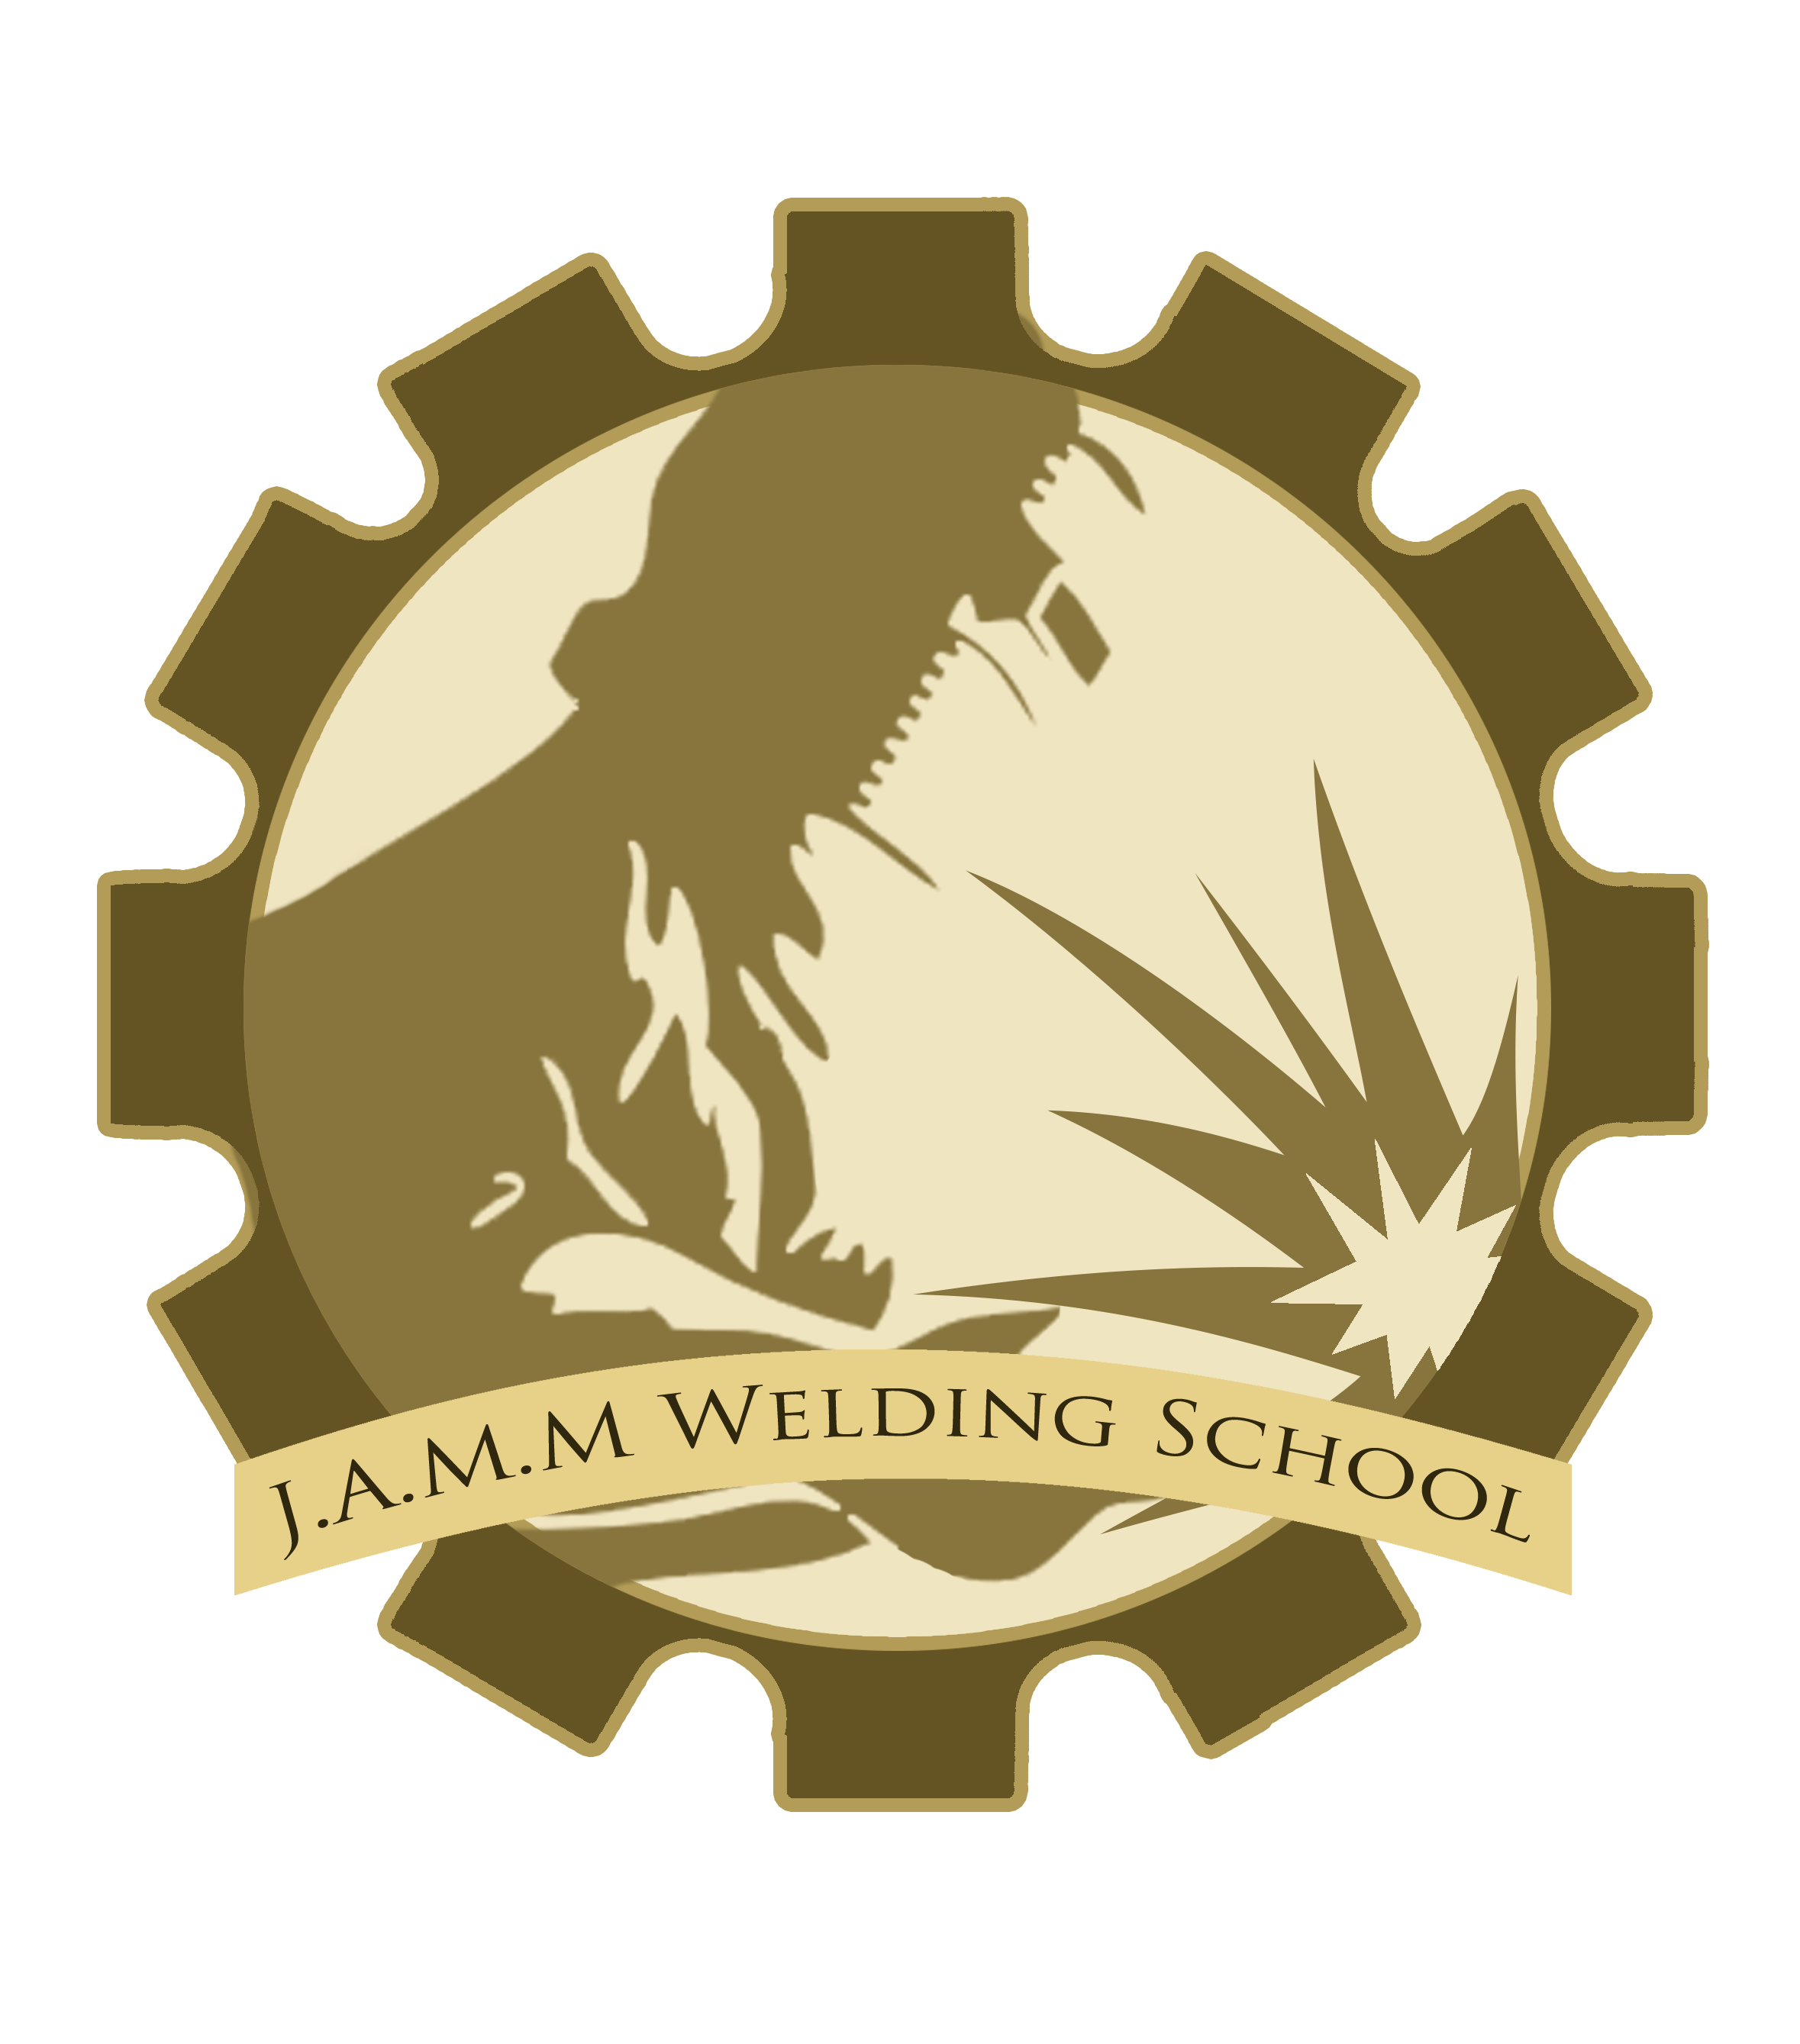 JAMM Welding